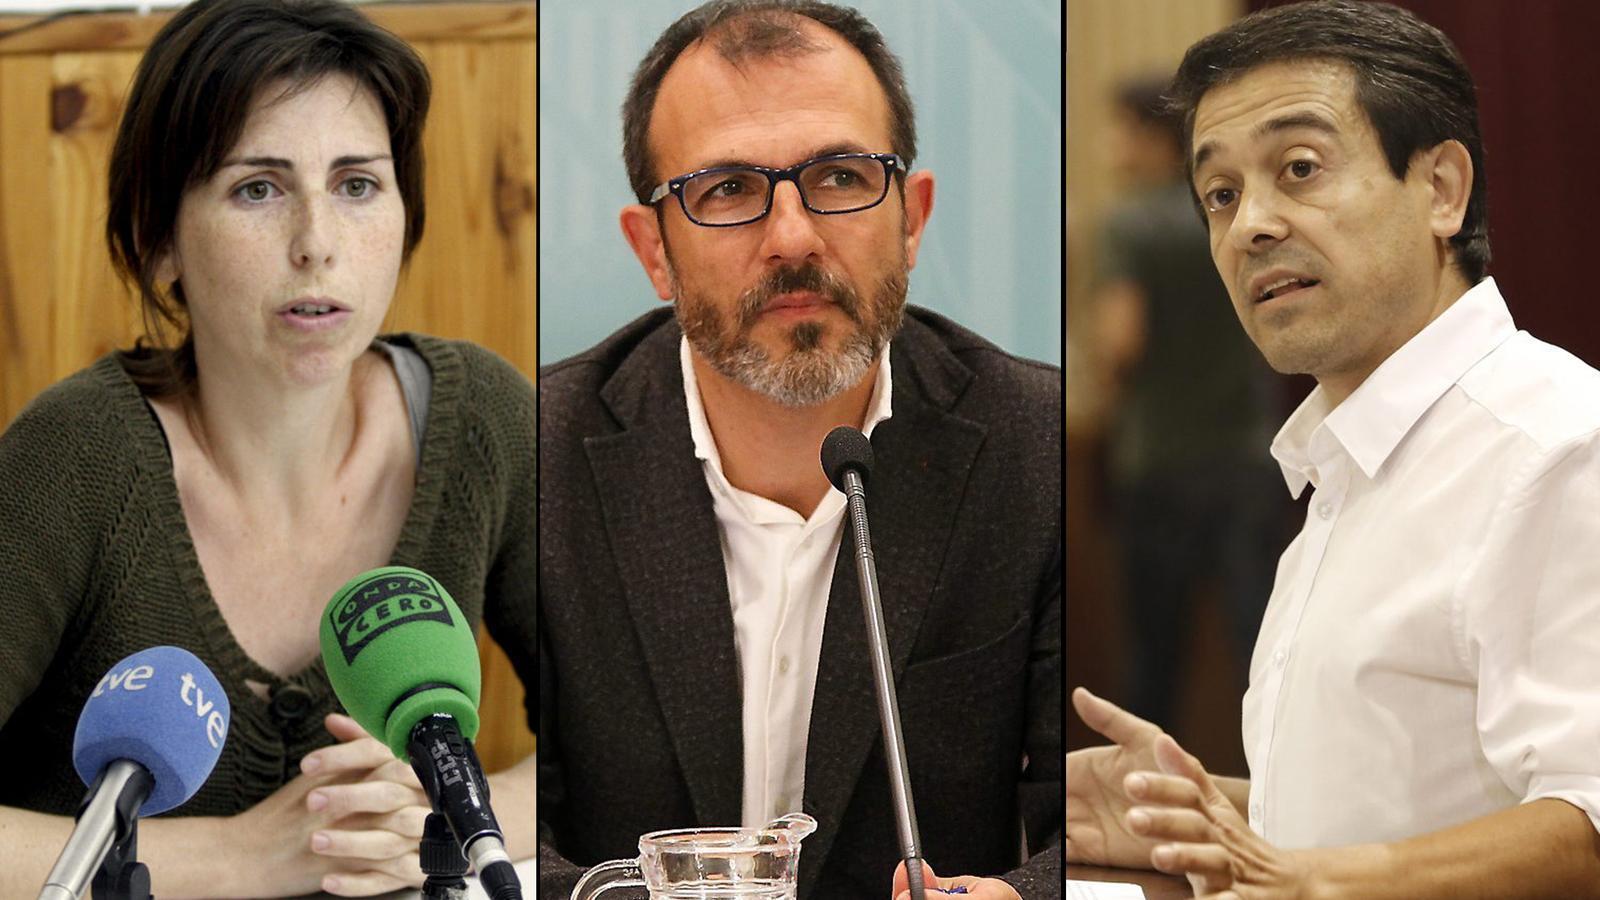 La portaveu del GOB, Margalida Ramis, el vicepresident del Govern, Biel Barceló, i el diputat de MÉS per Menorca, Nel Martí